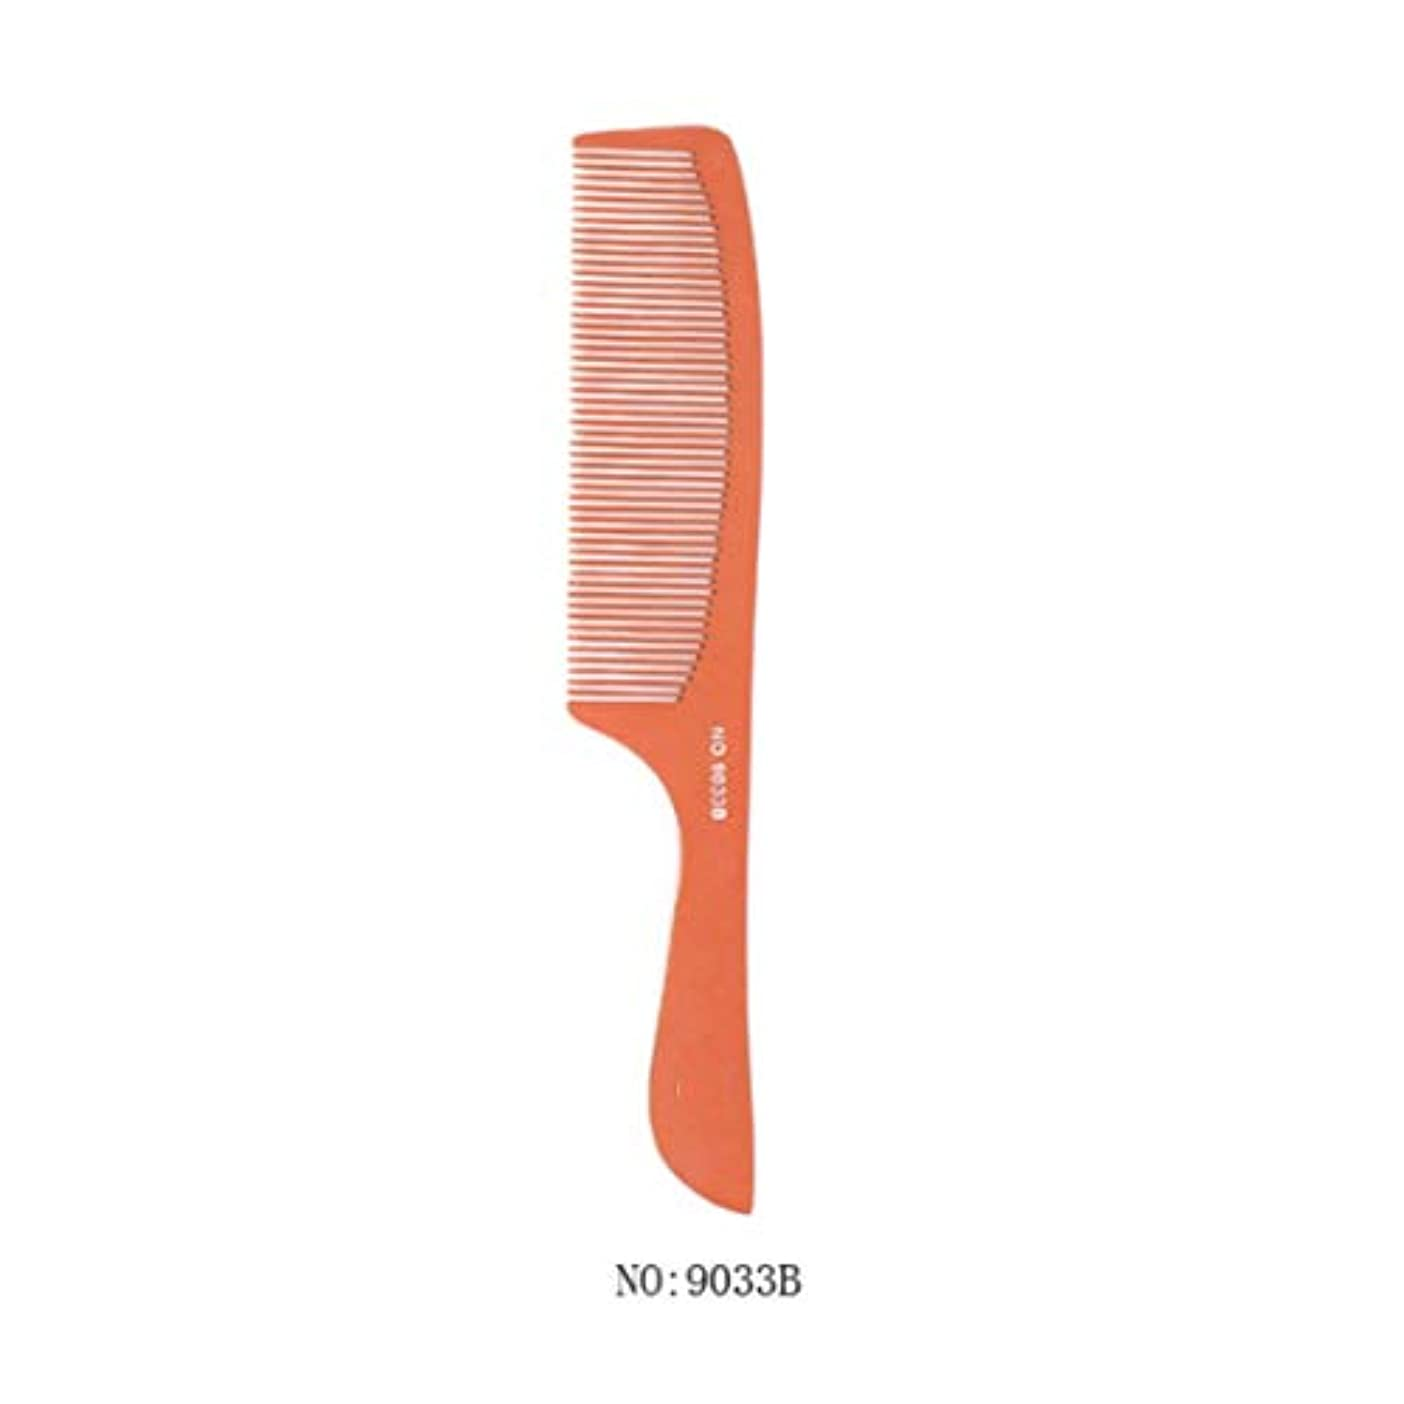 虎それに応じて古くなった髭、頭髪、口ひげのための帯電防止の&Snagのハンドメイドのブラシ無しの木 - 毛の櫛の家族 モデリングツール (Design : 9033B)